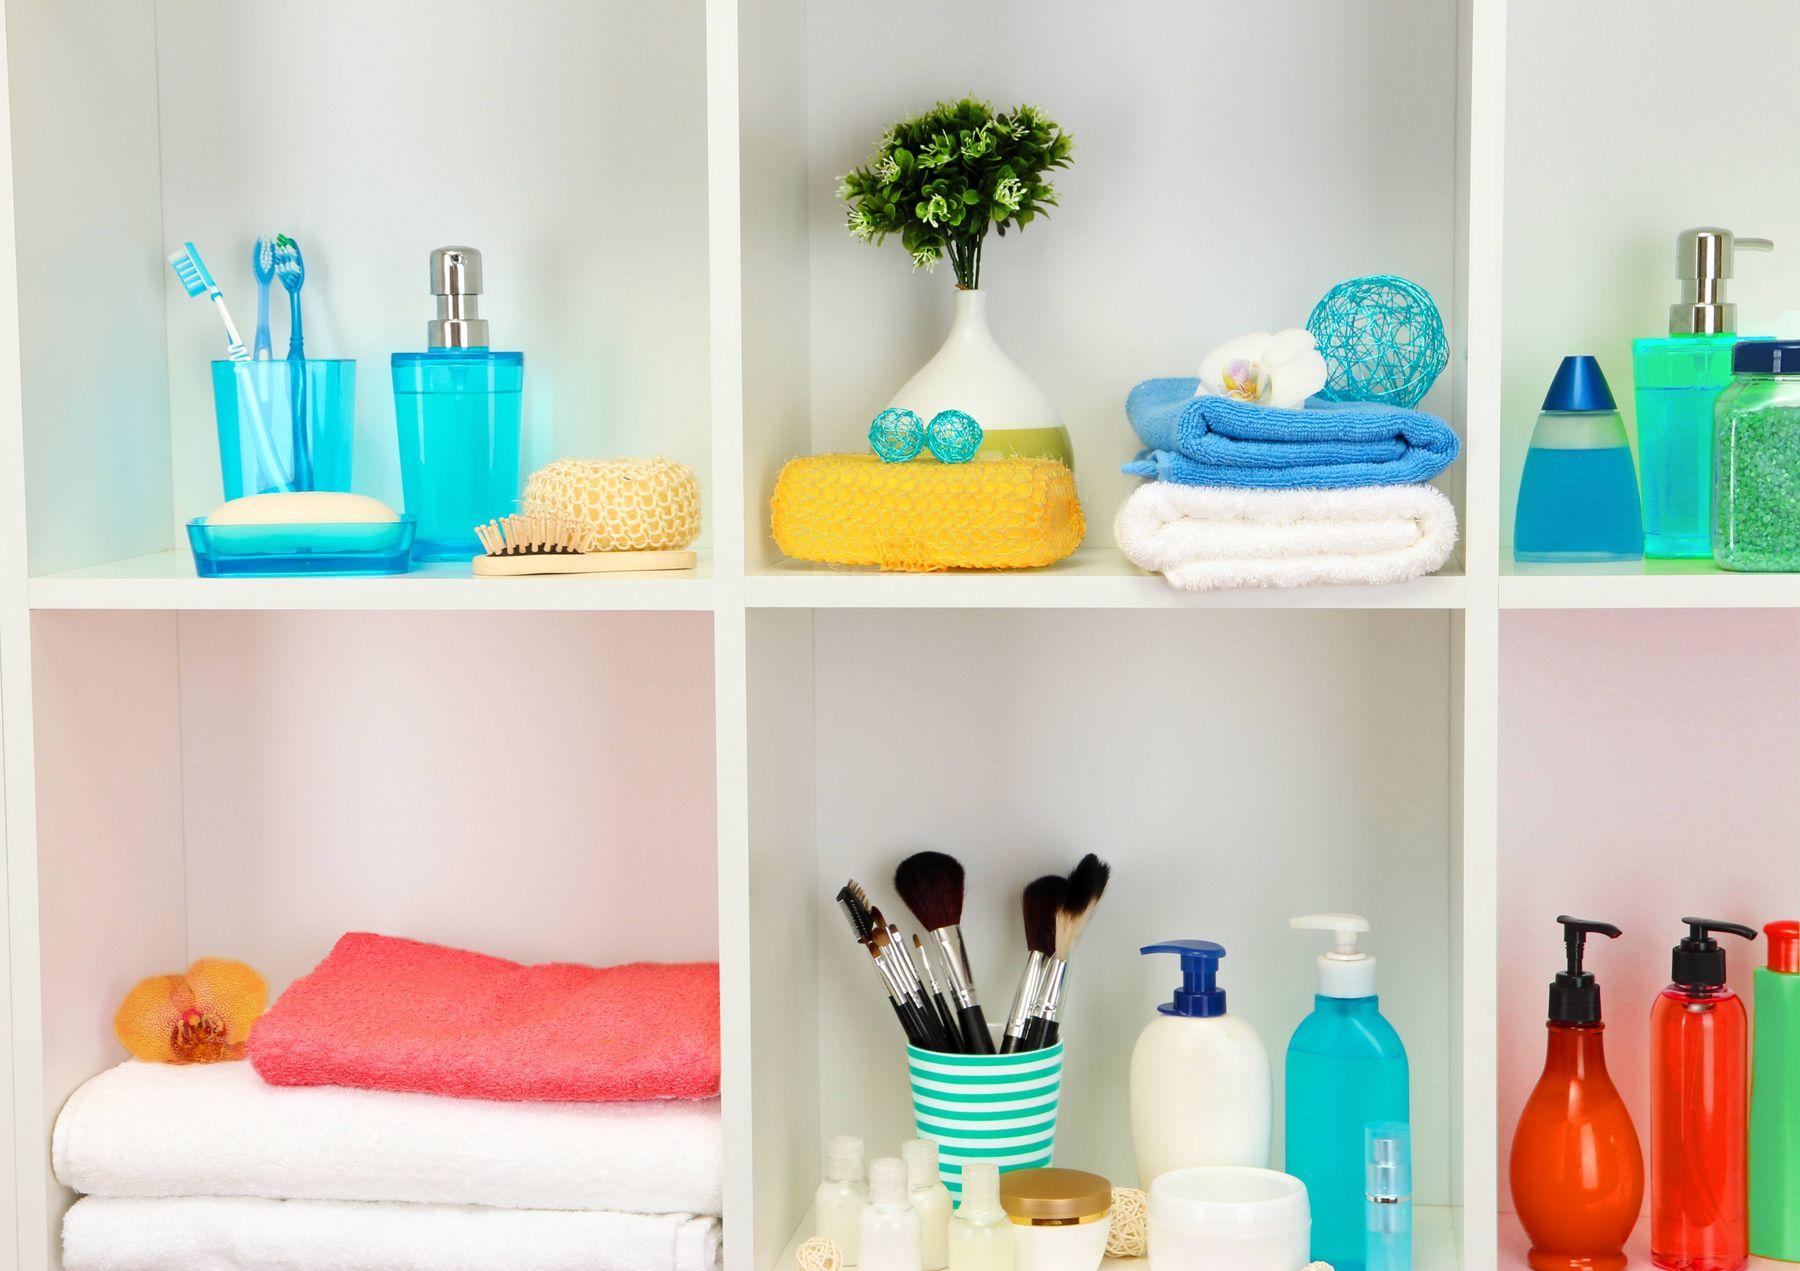 Sử dụng các sản phẩm khử mùi nhà vệ sinh: sáp thơm, dung dịch, nước xịt